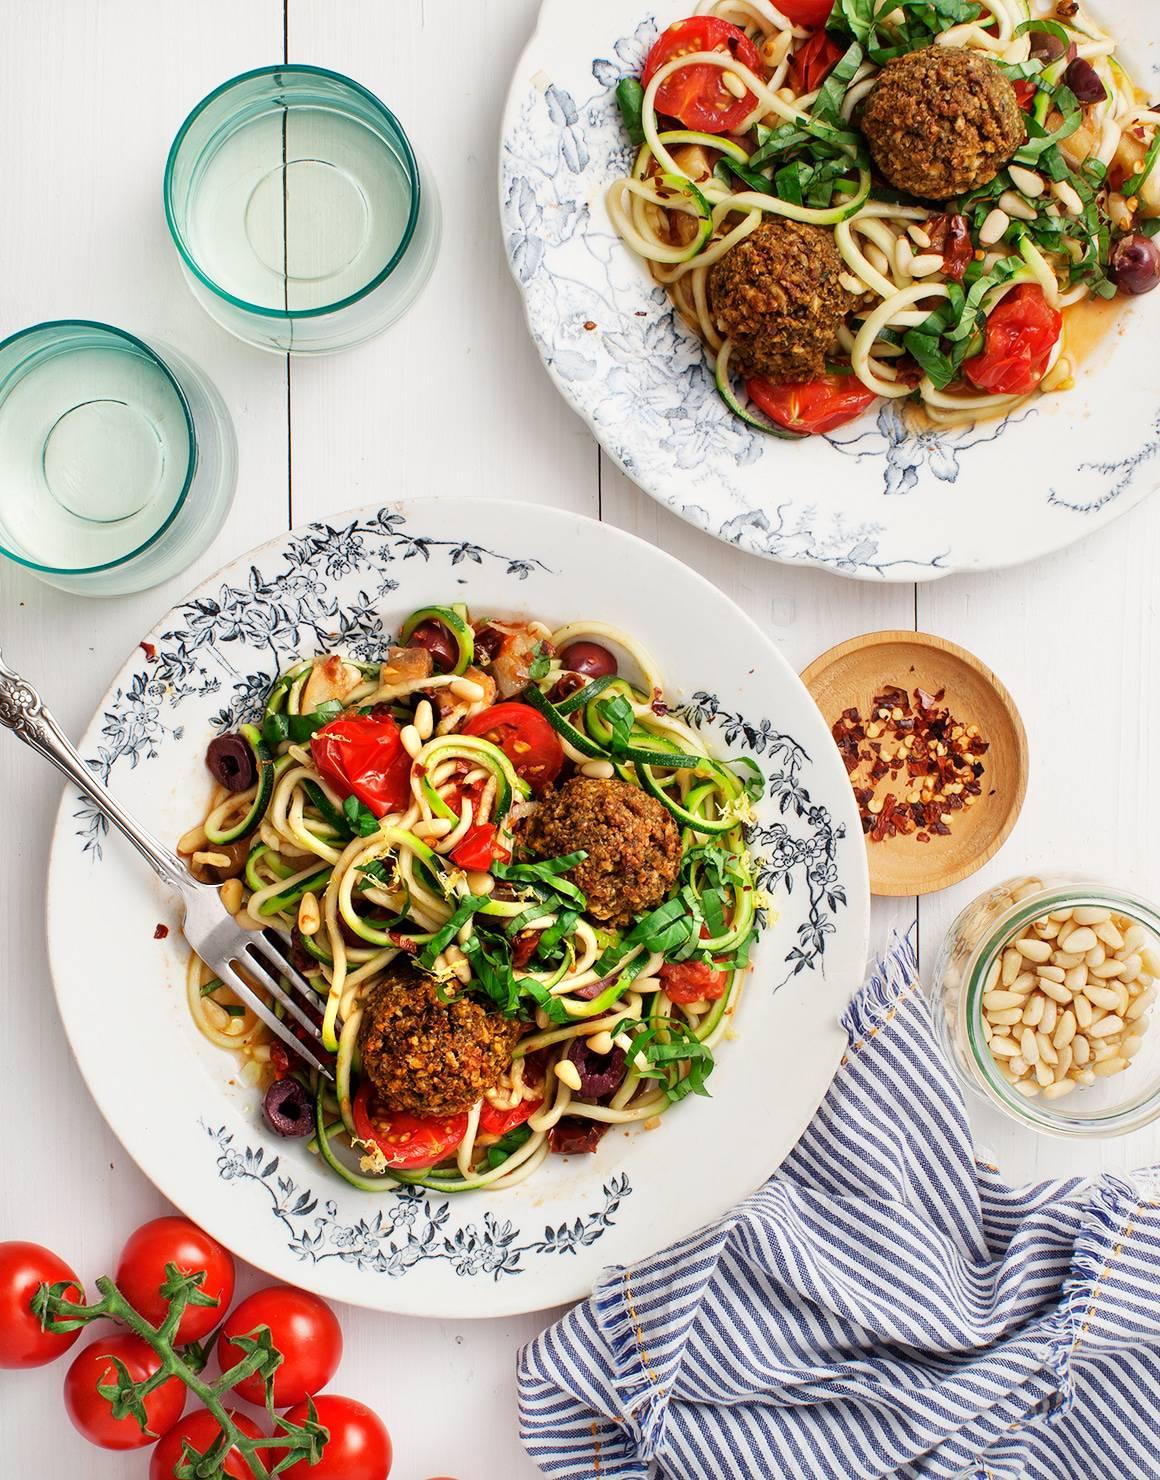 Zucchini noodle bowl